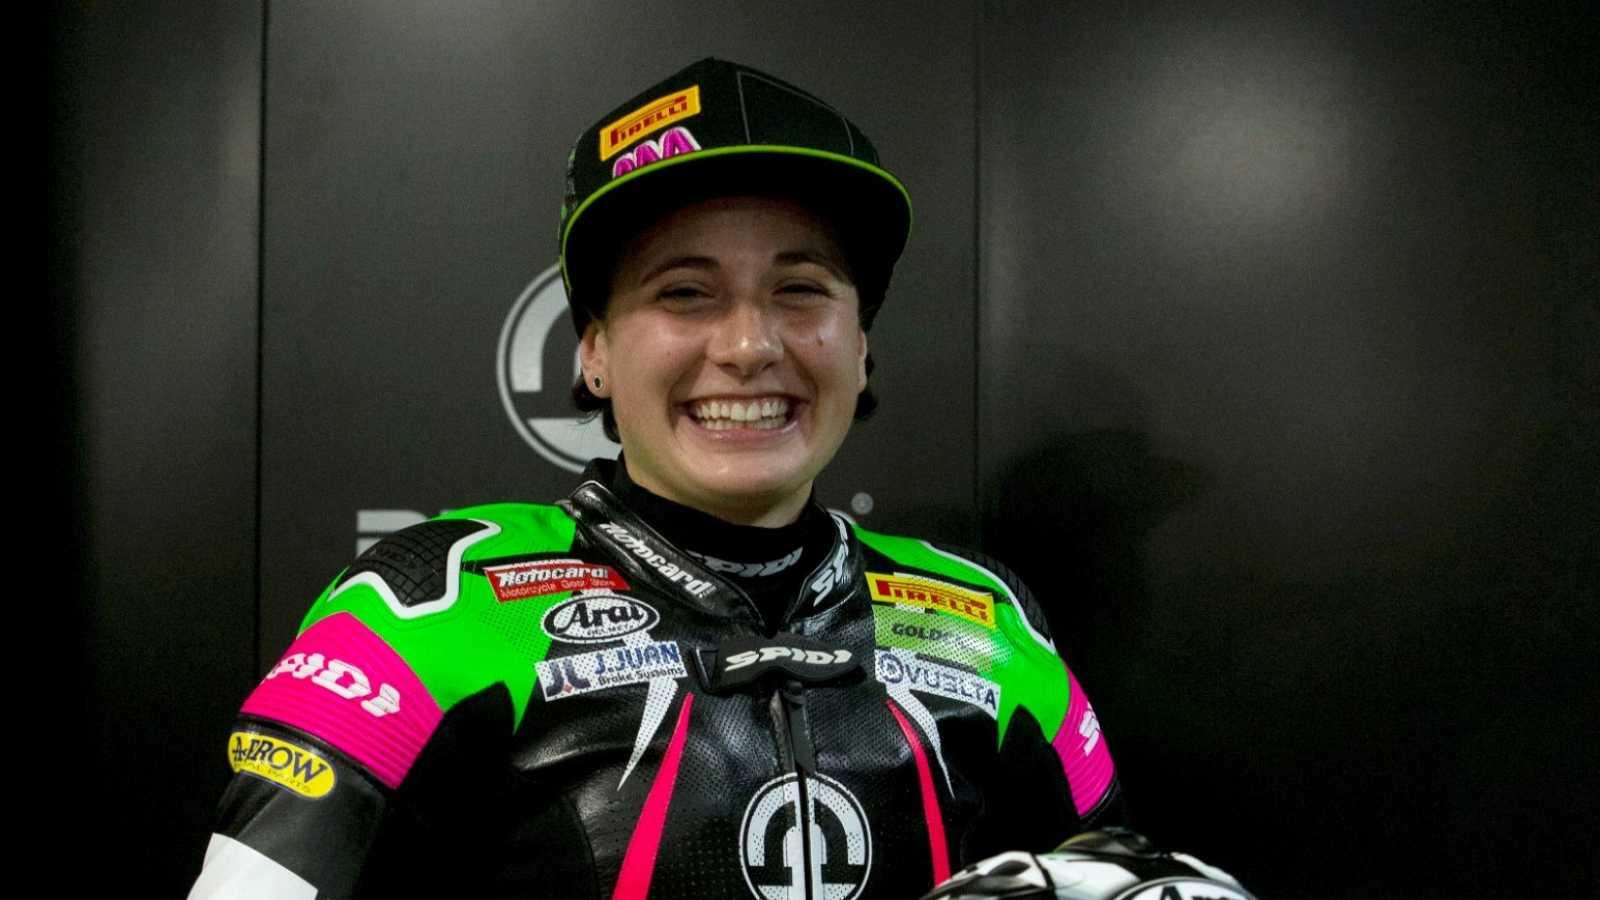 La motociclista Ana Carrasco, que en 2018 se convirtió en la primera mujer campeona del mundo